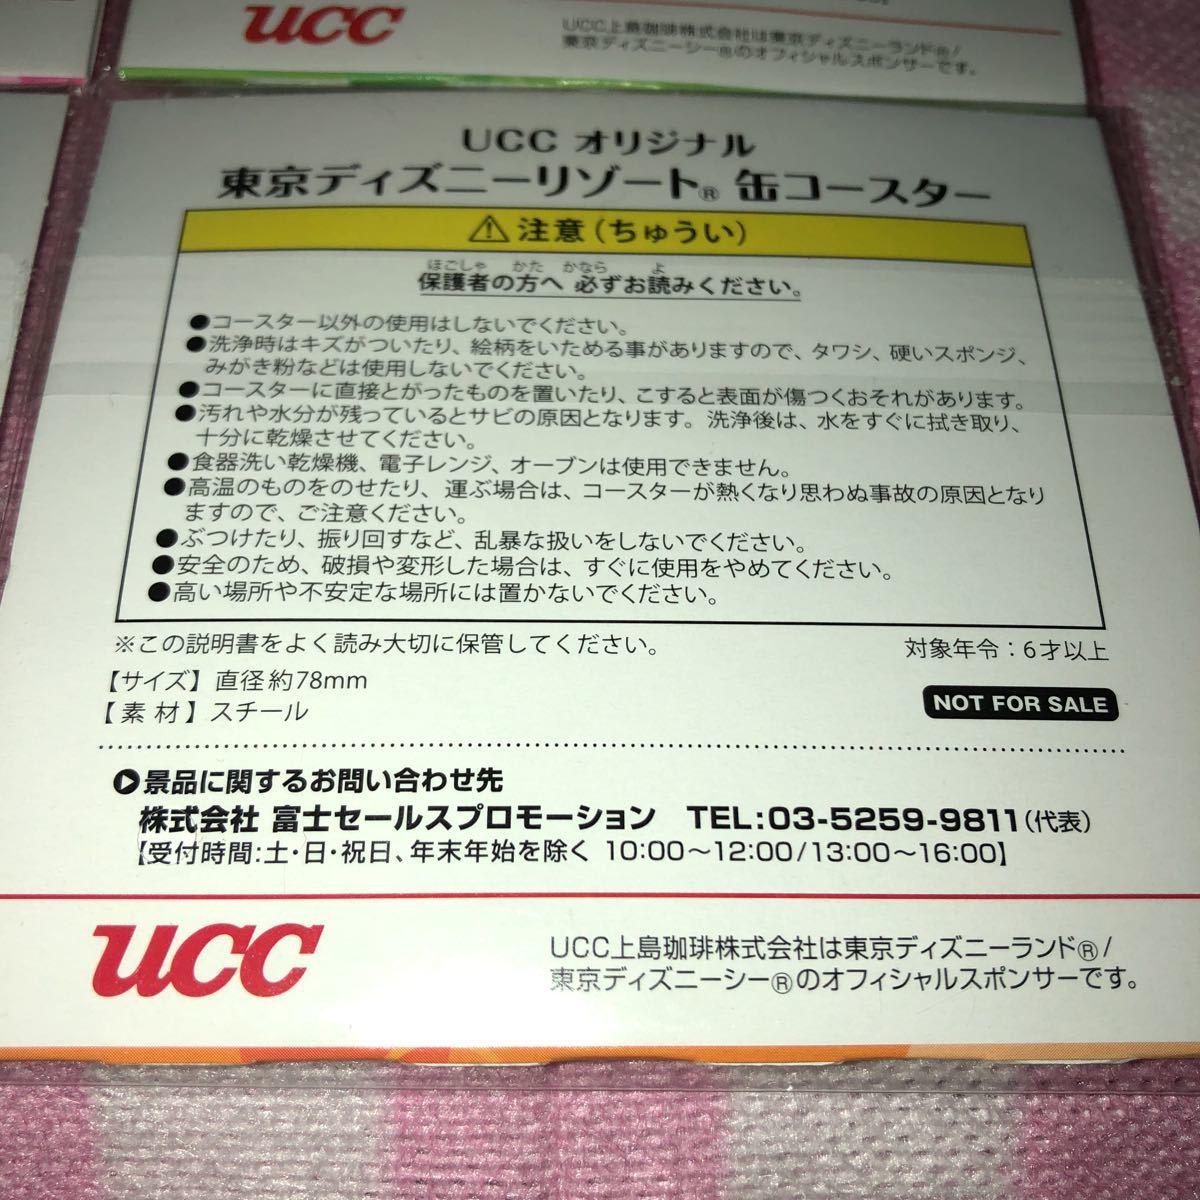 レア非売品 UCCオリジナル 東京ディズニーリゾート 缶コースター4枚セット_画像3